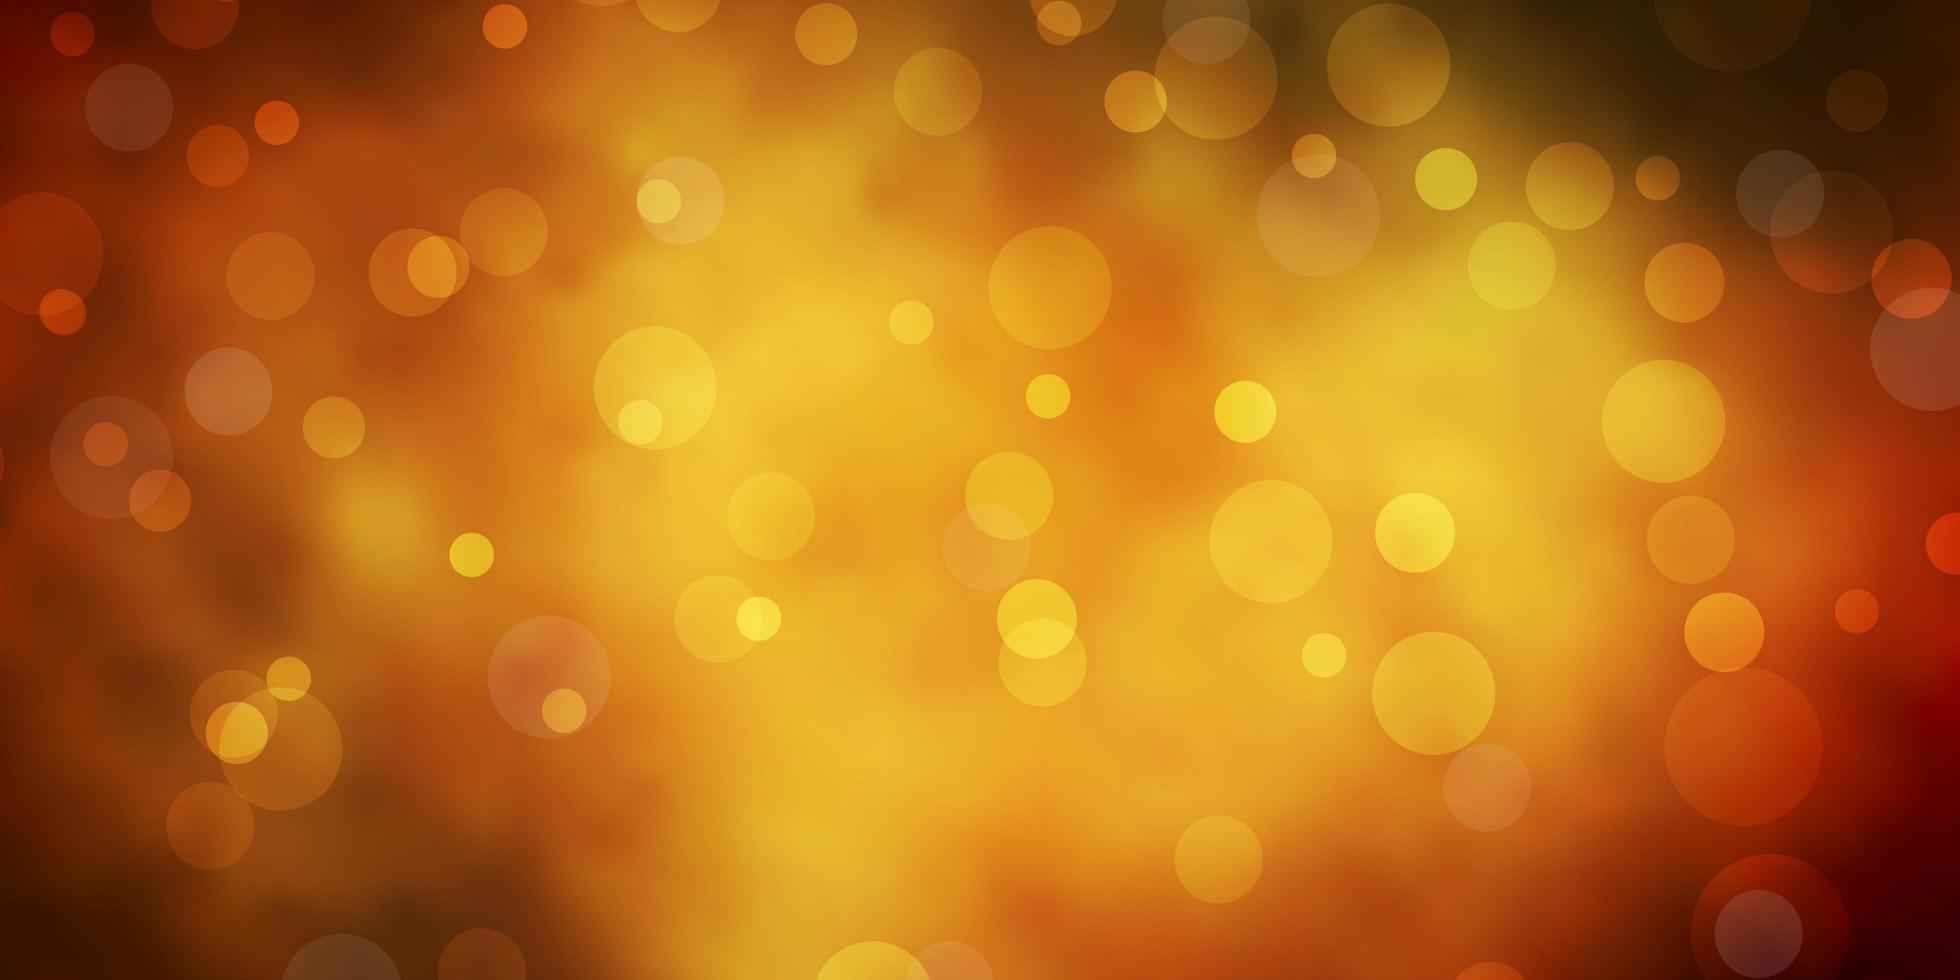 dunkelgrünes, gelbes Vektorlayout mit Kreisen. vektor